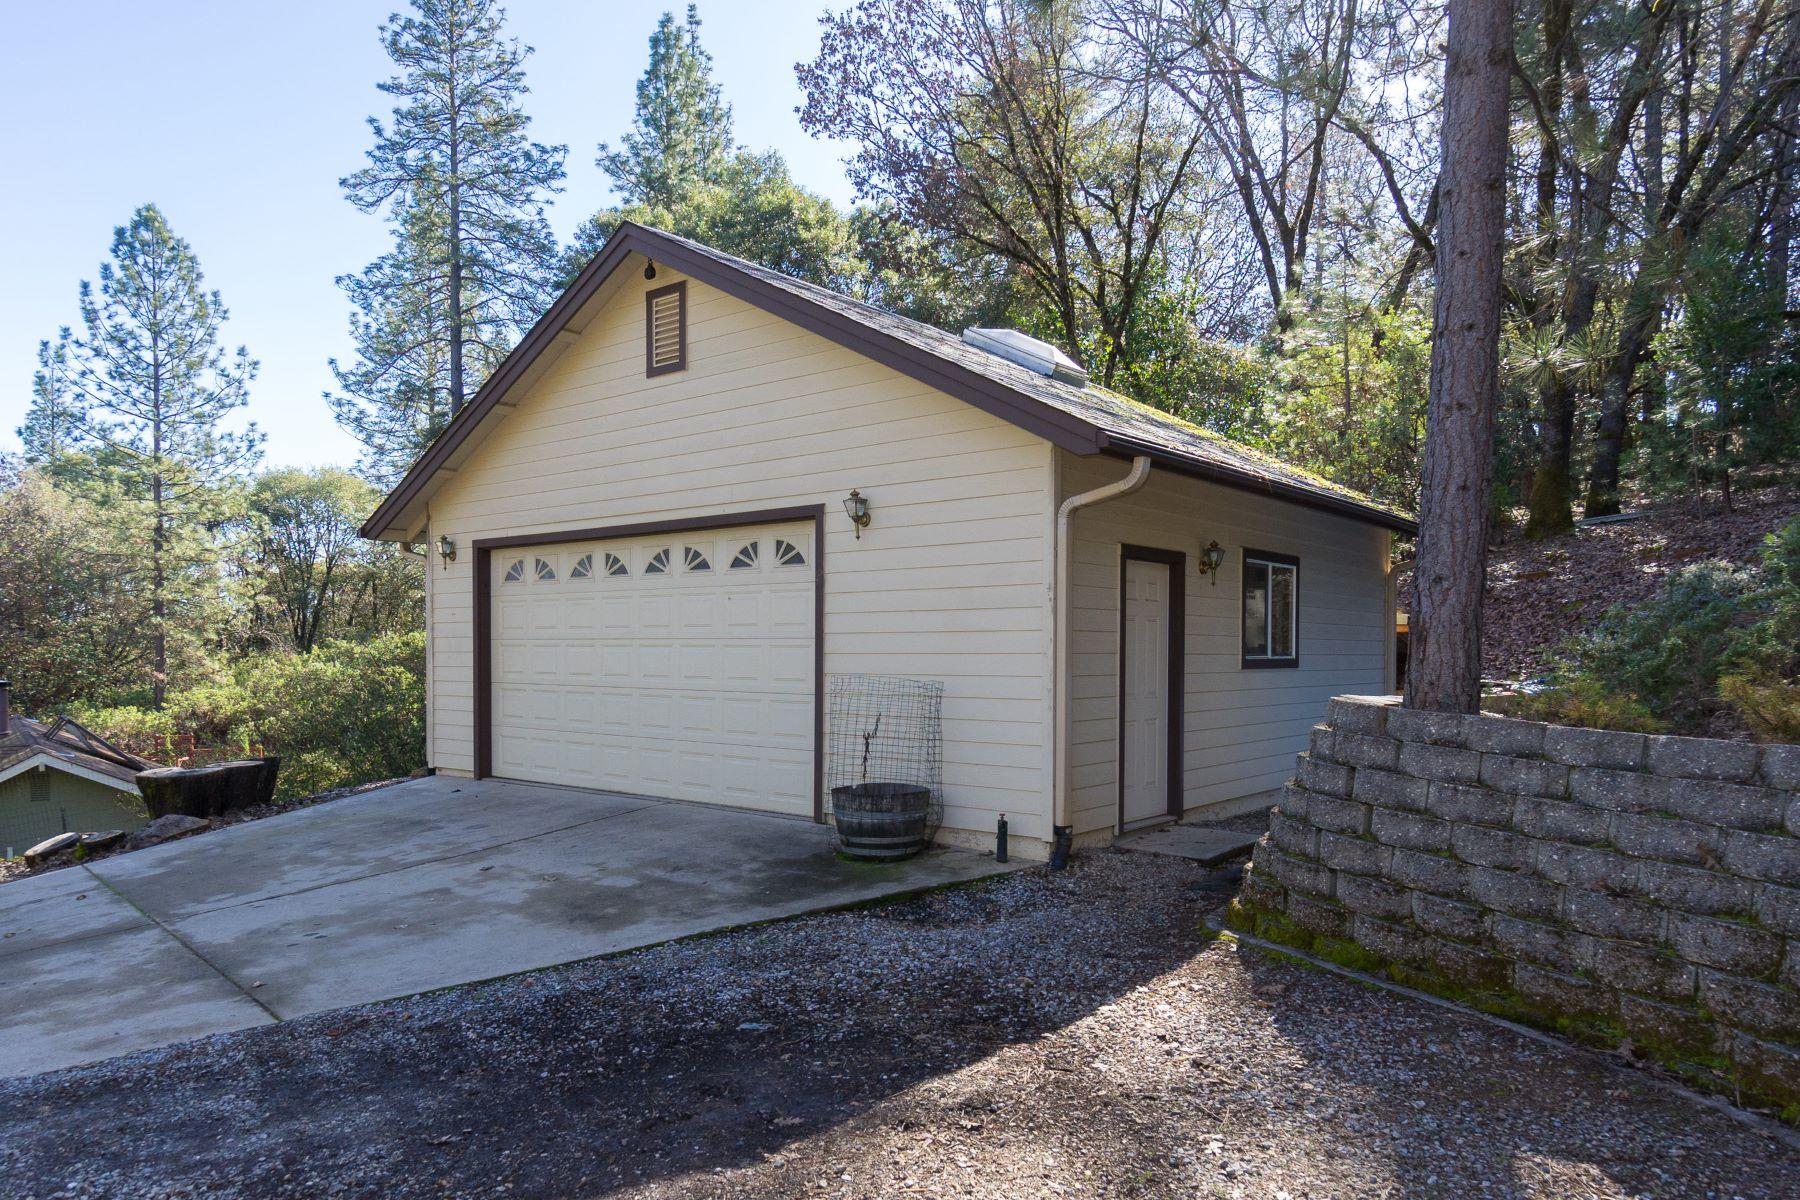 土地,用地 为 销售 在 Ready to Build in Pine Grove 18960 Rainbow Mine Road Pine Grove, 加利福尼亚州 95665 美国